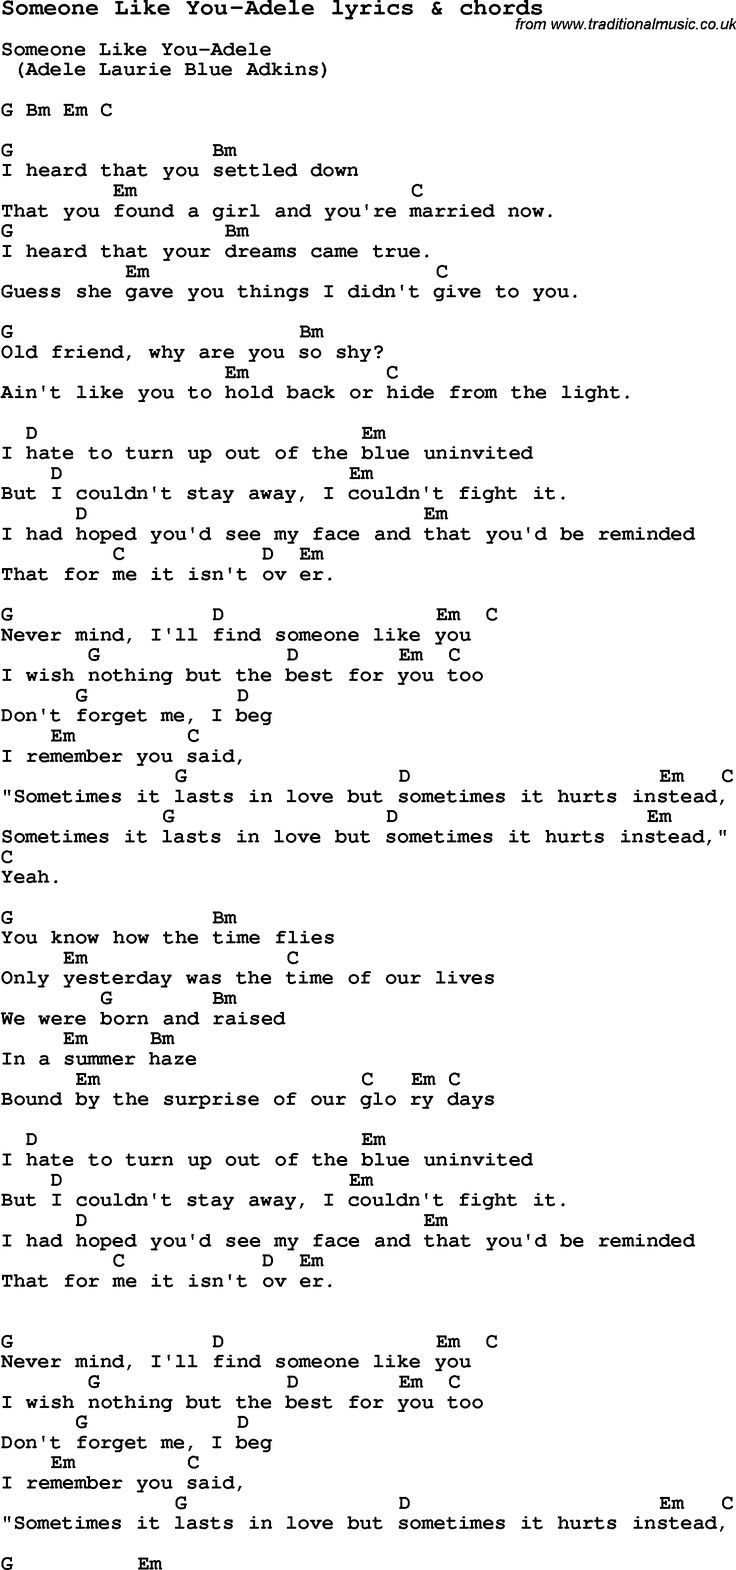 Best 25 riptide ukulele chords ideas on pinterest ukulele love song someone like you adele with chords and lyrics for ukulele guitar banjo and other instruments hexwebz Images